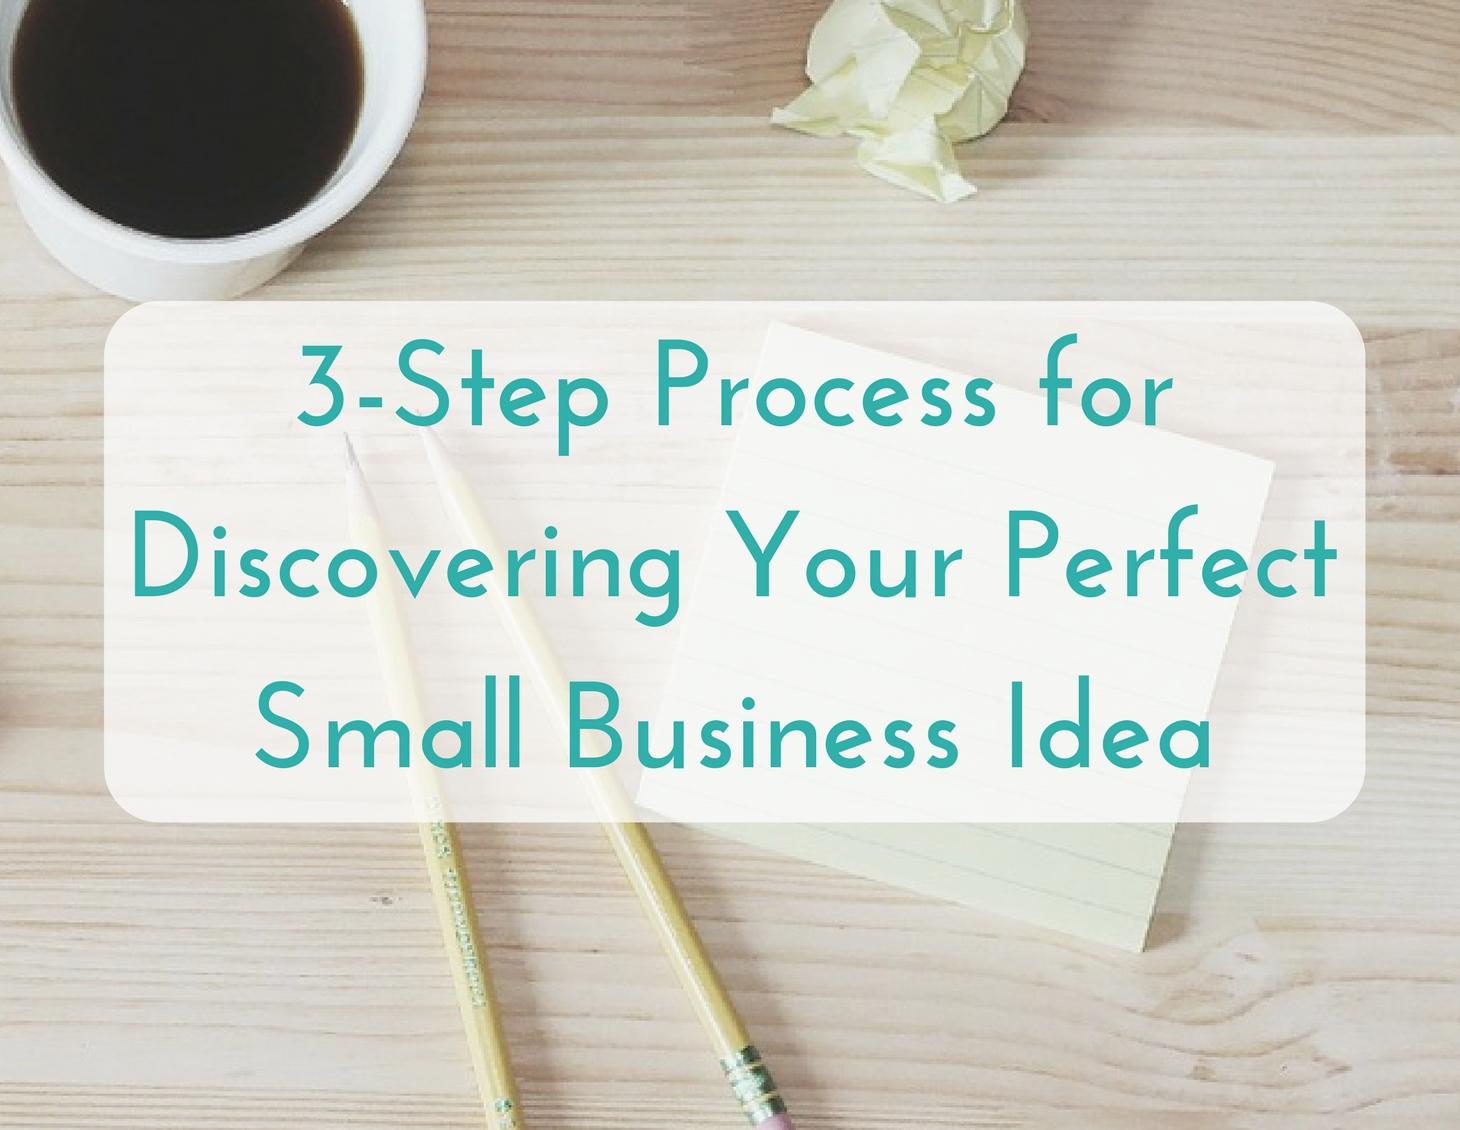 Http Saganmorrow Com Rhetorically Discover Profitable Small Business Idea